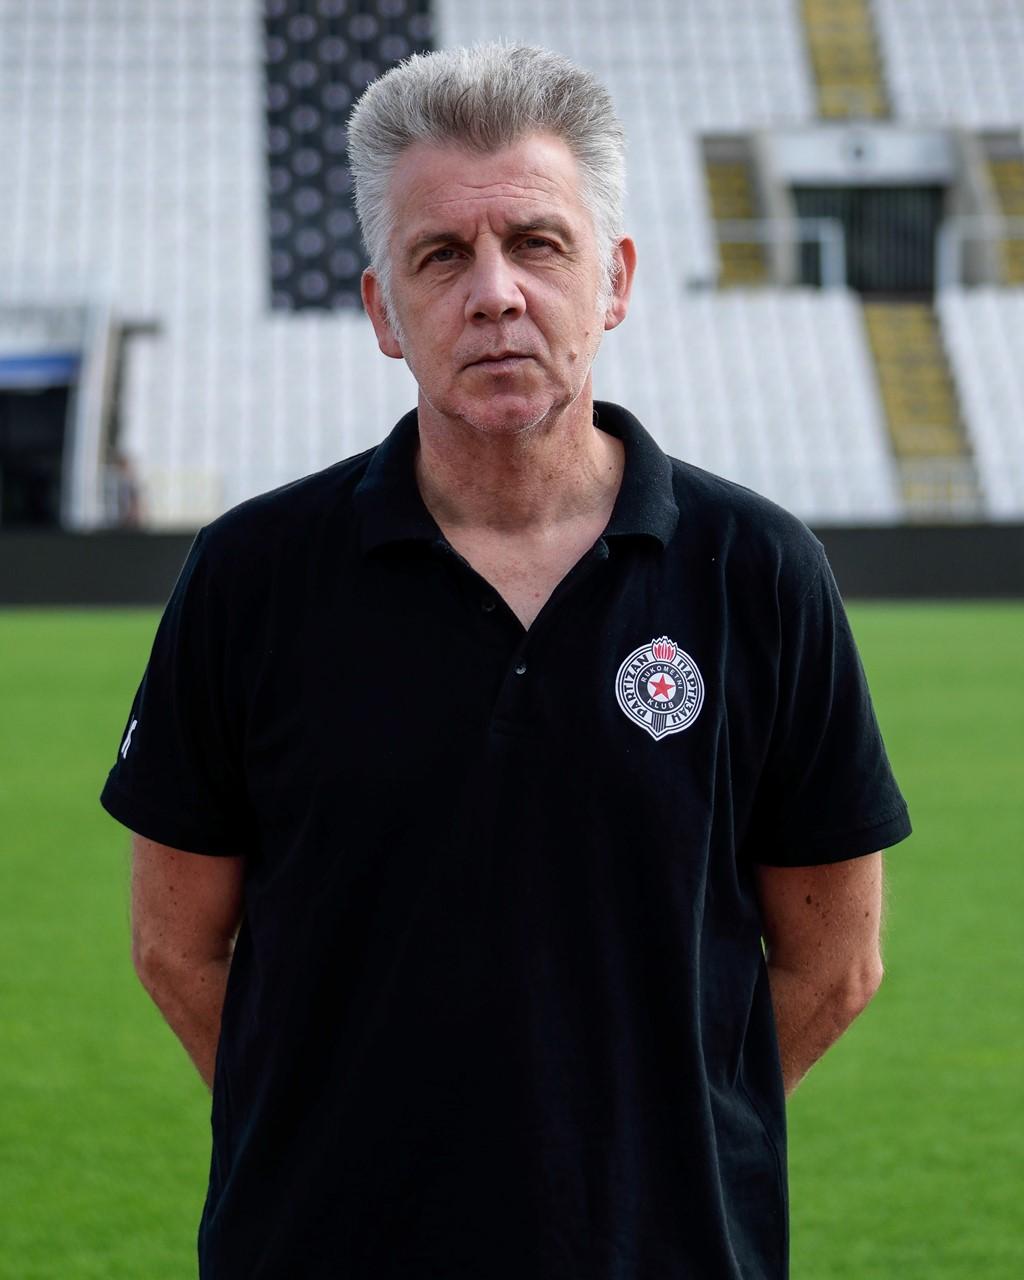 Dario Krželj